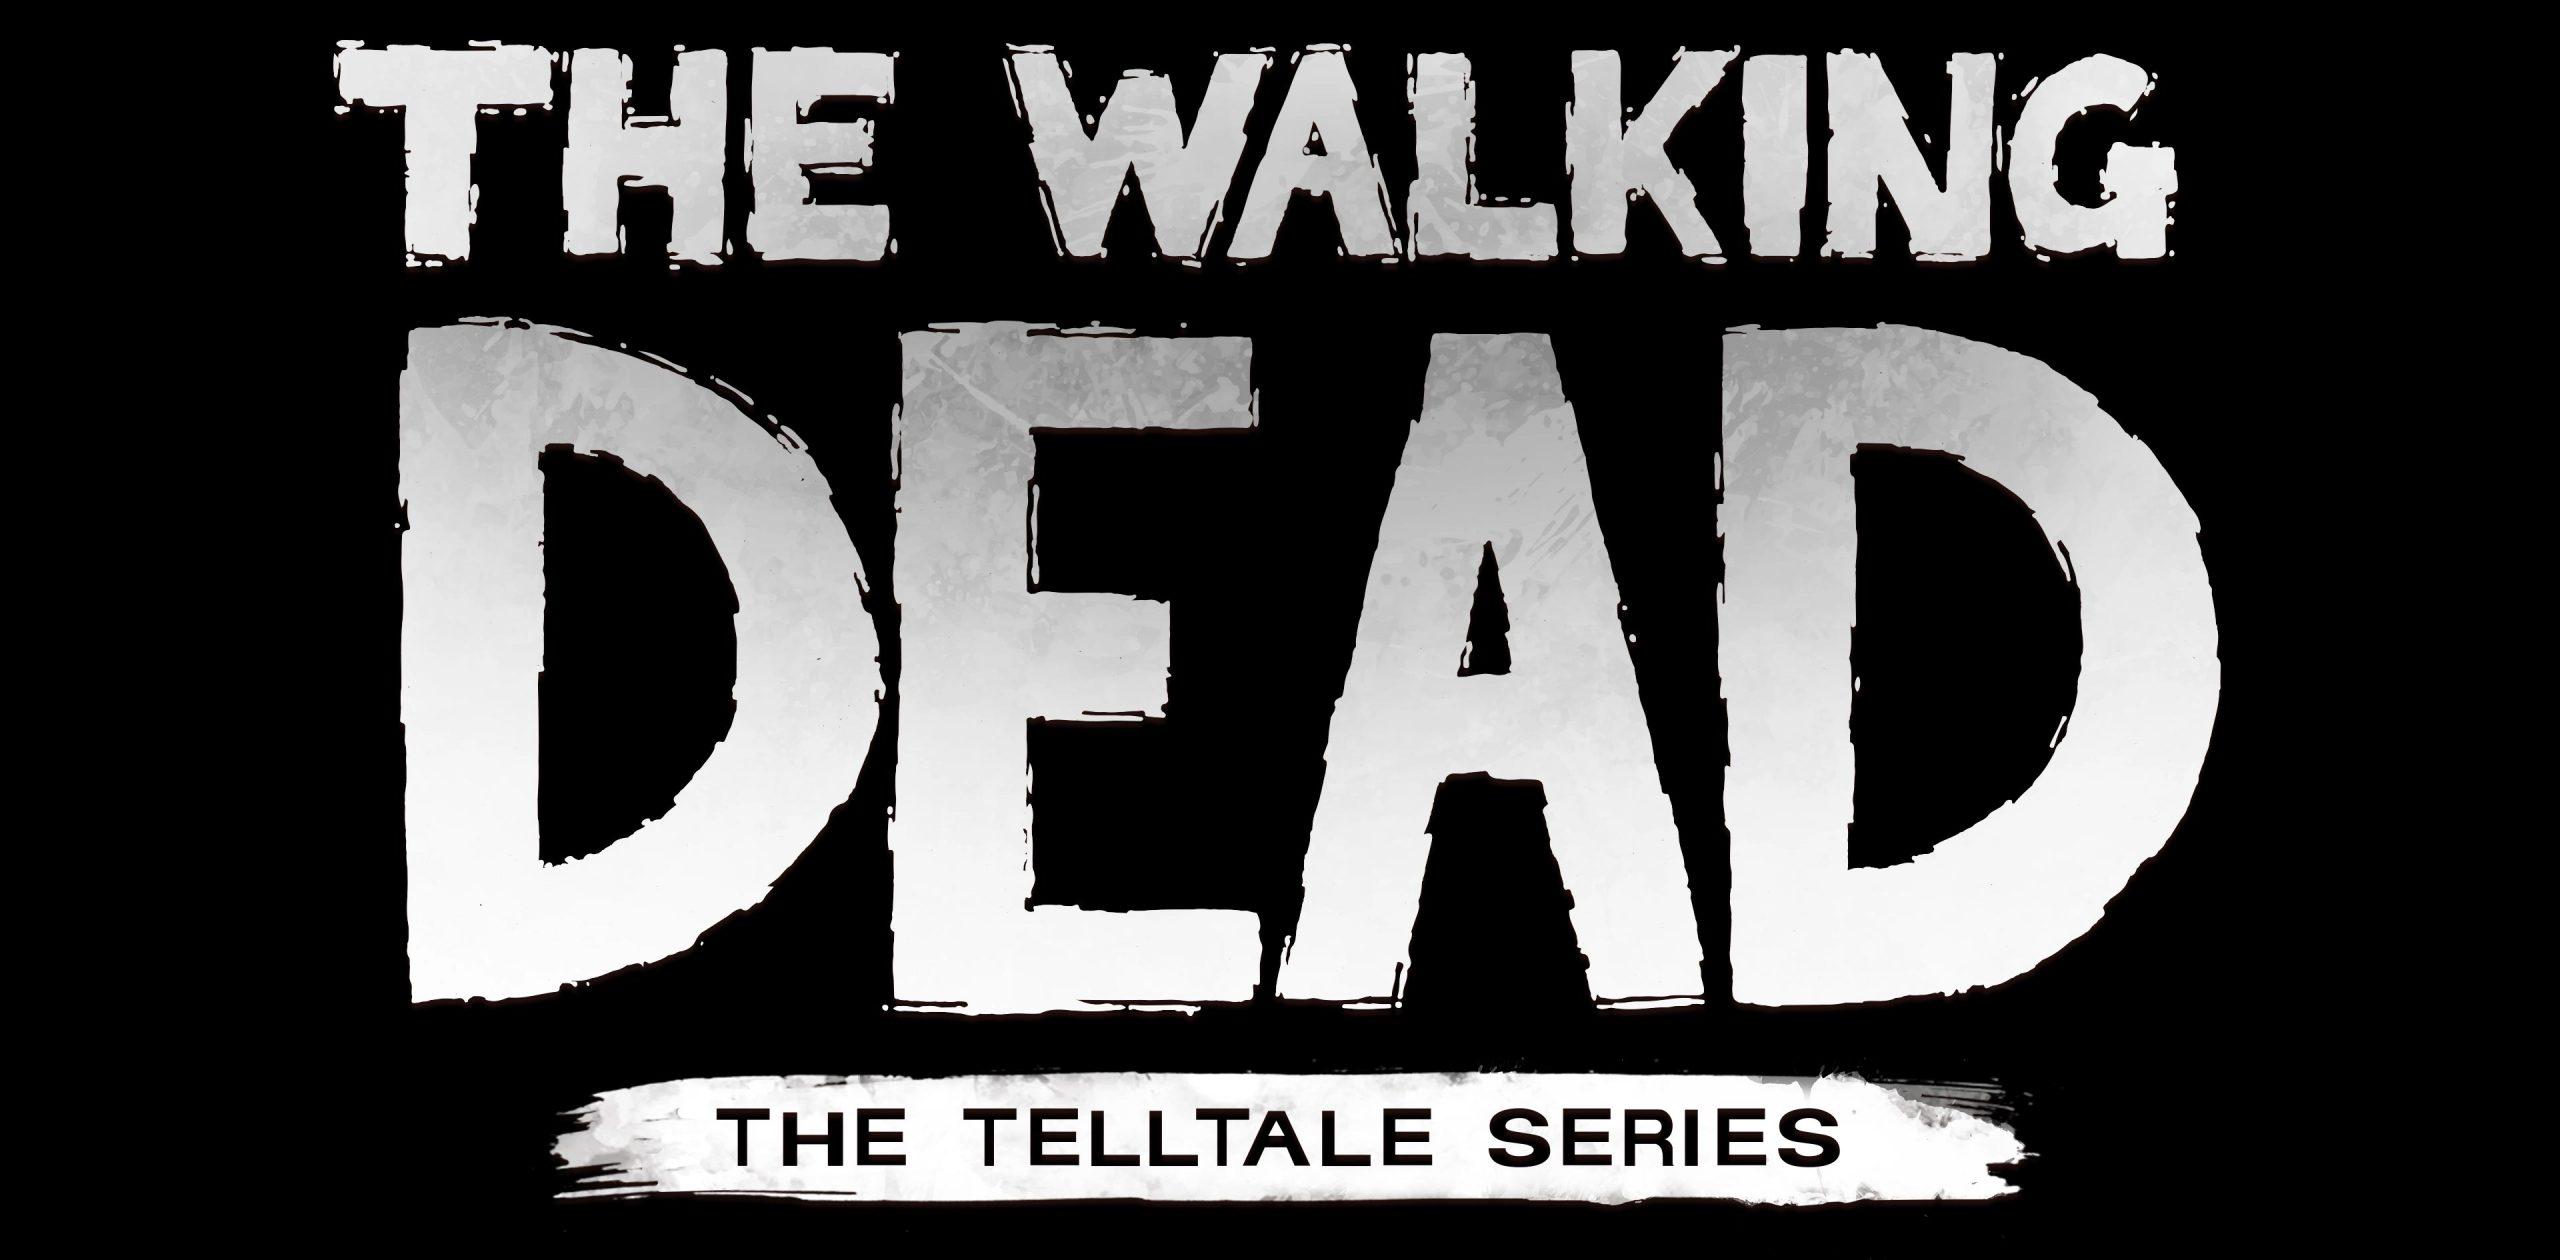 The Walking Dead Telltale logo